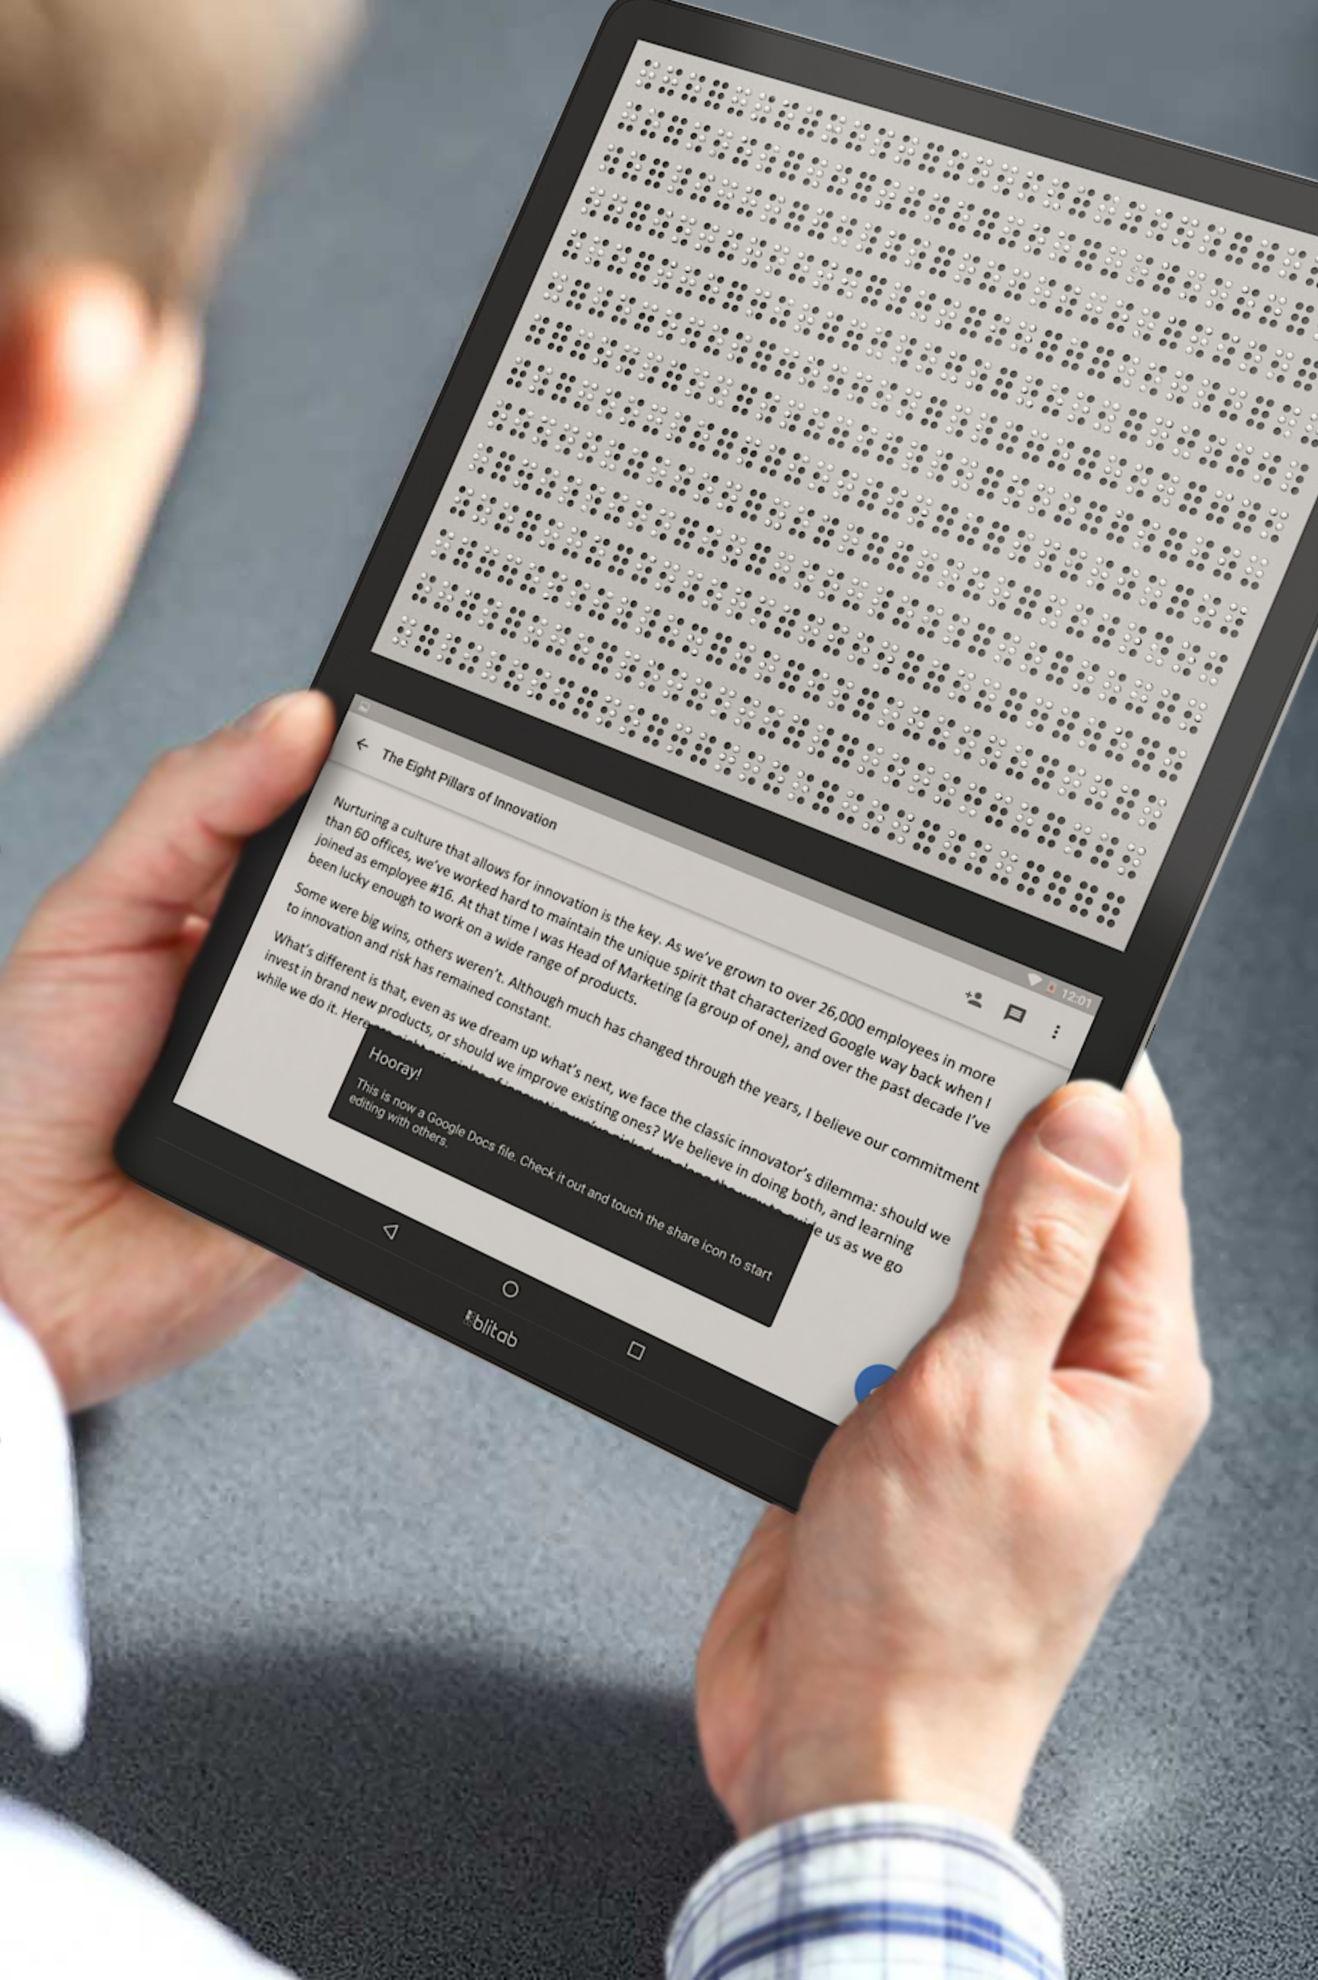 Tablet In Hands